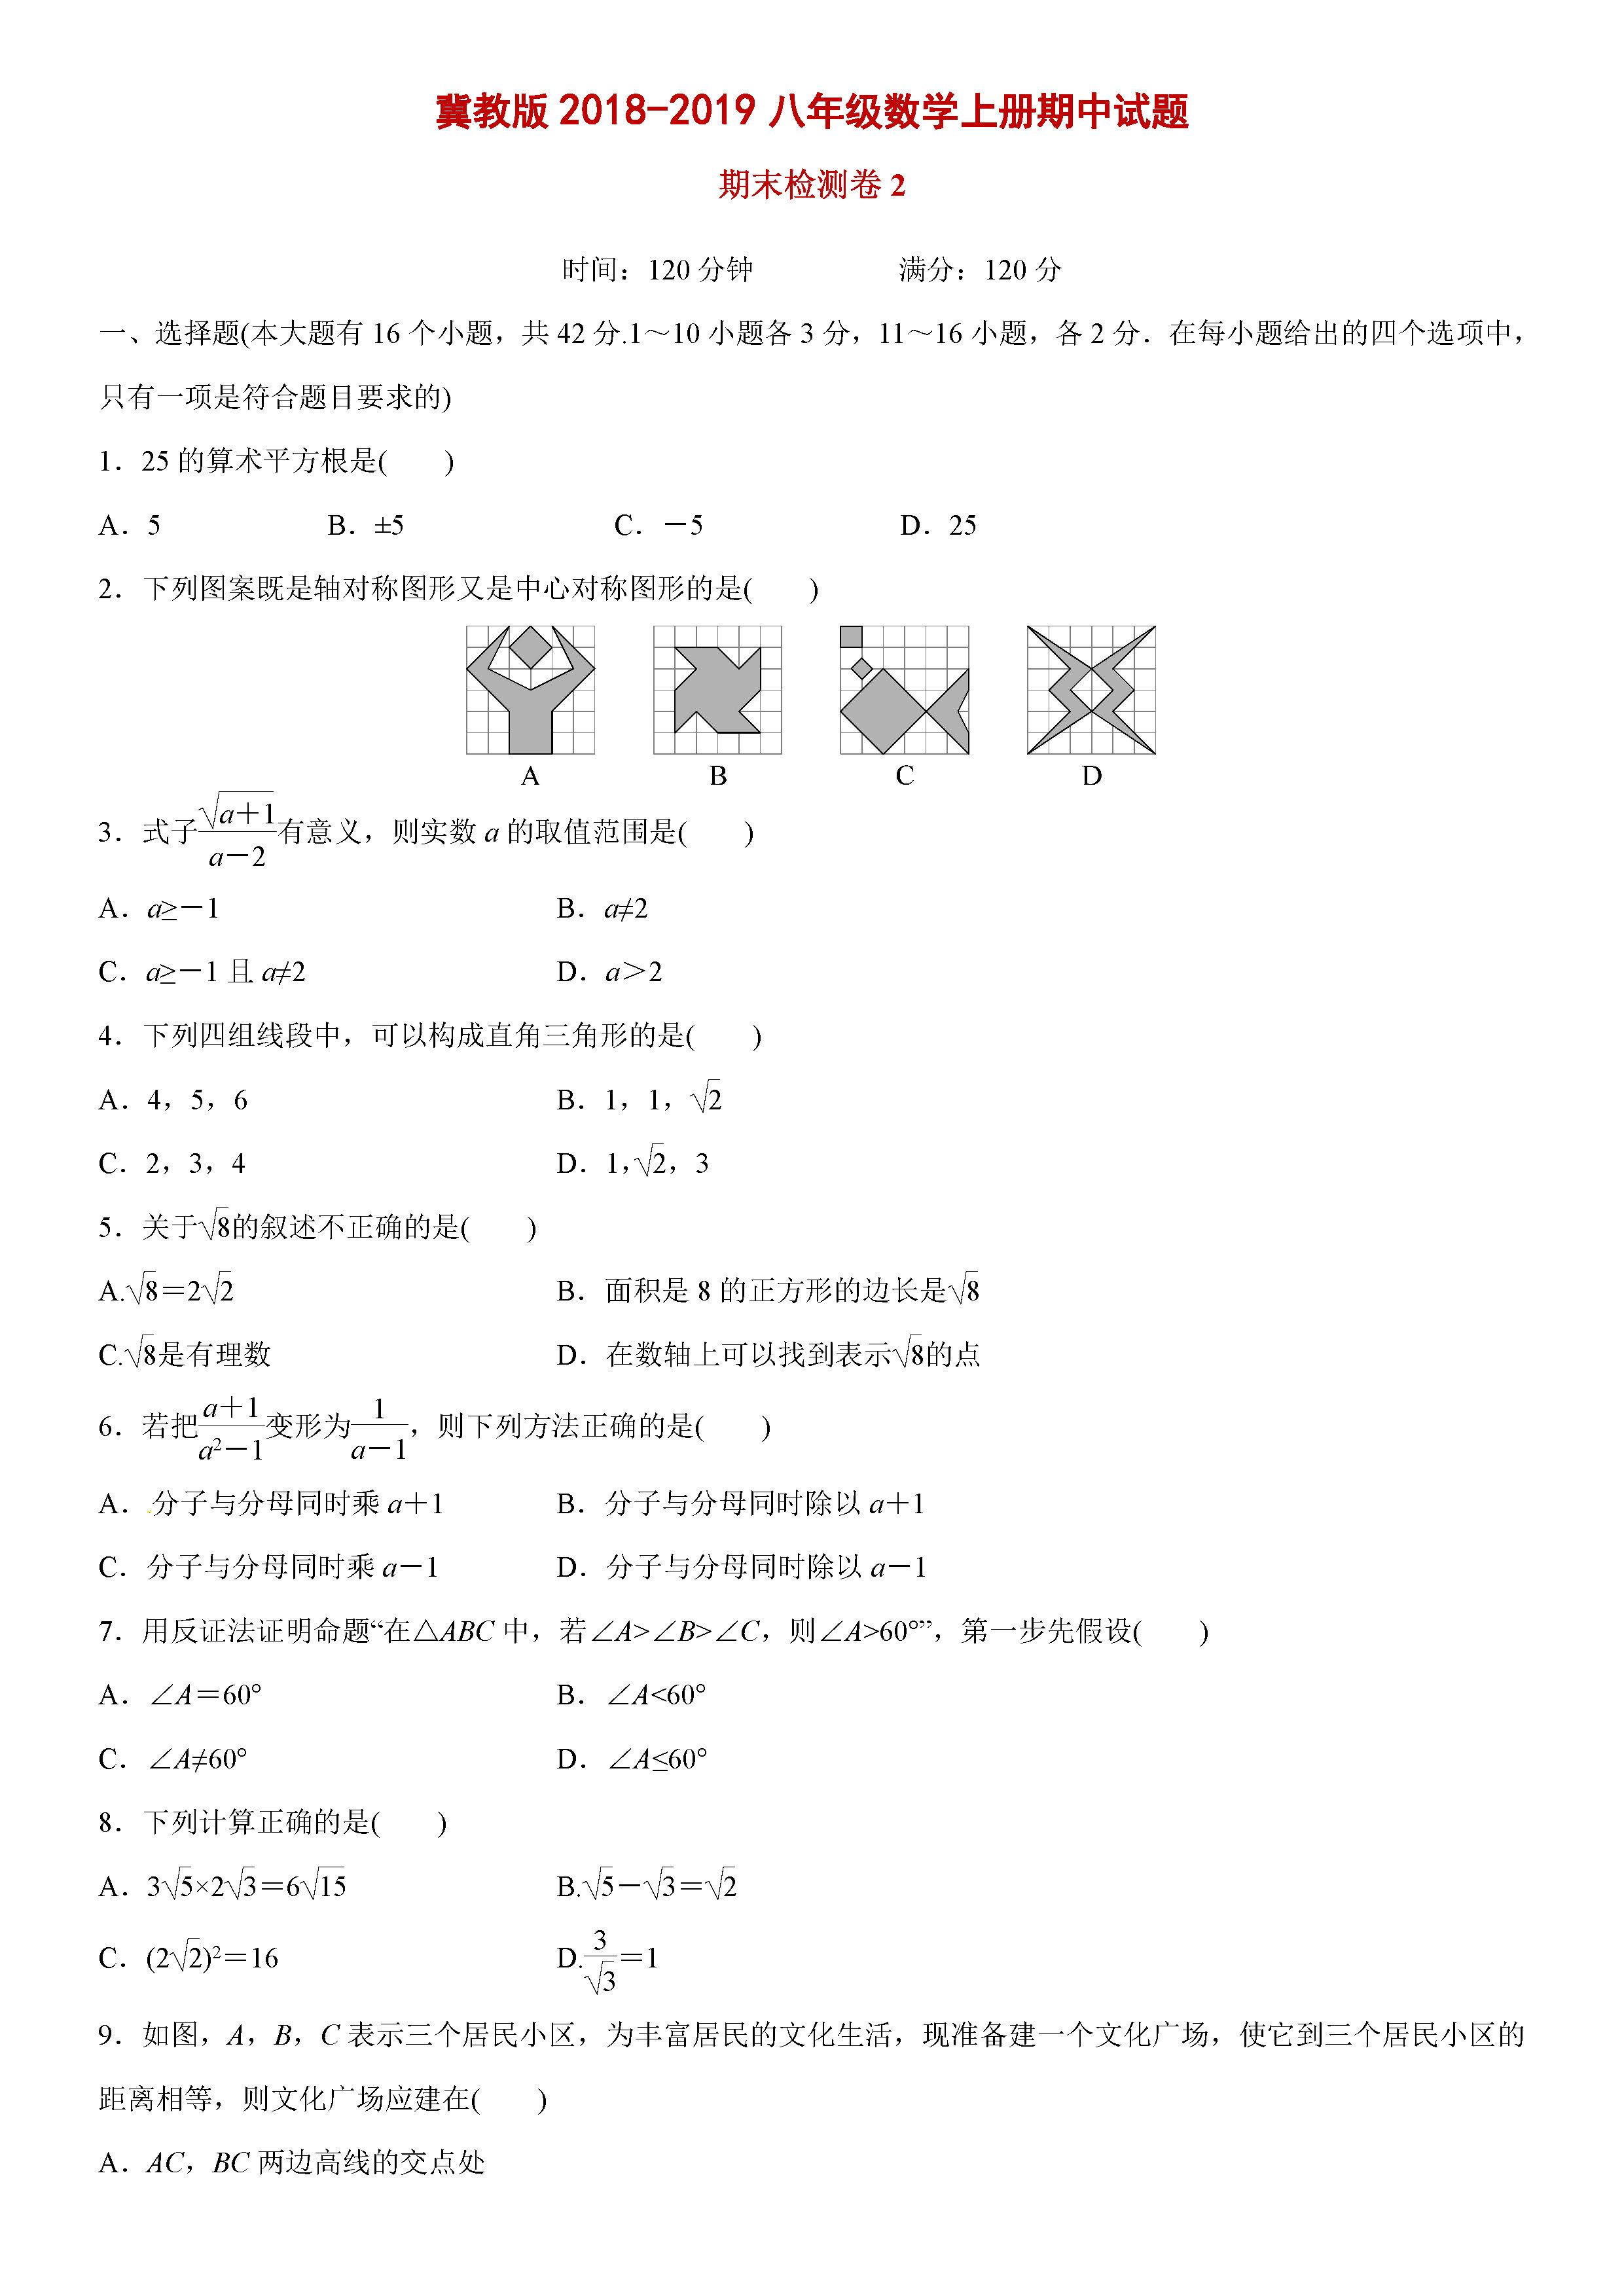 冀教版2018-2019八年级数学上册期中测试题及答案(2)